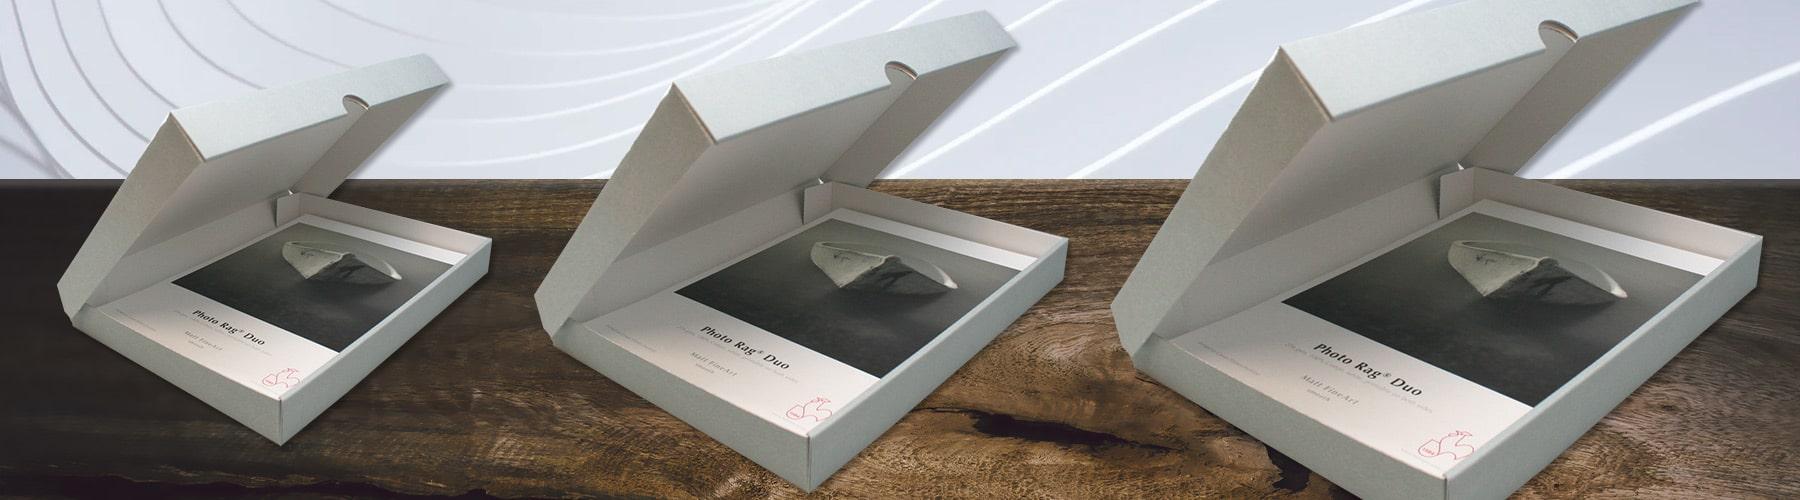 Hahnemühle Archivboxen und Portfolioboxen in DIN A4, DIN A3 und DIN A3+ (Plus).